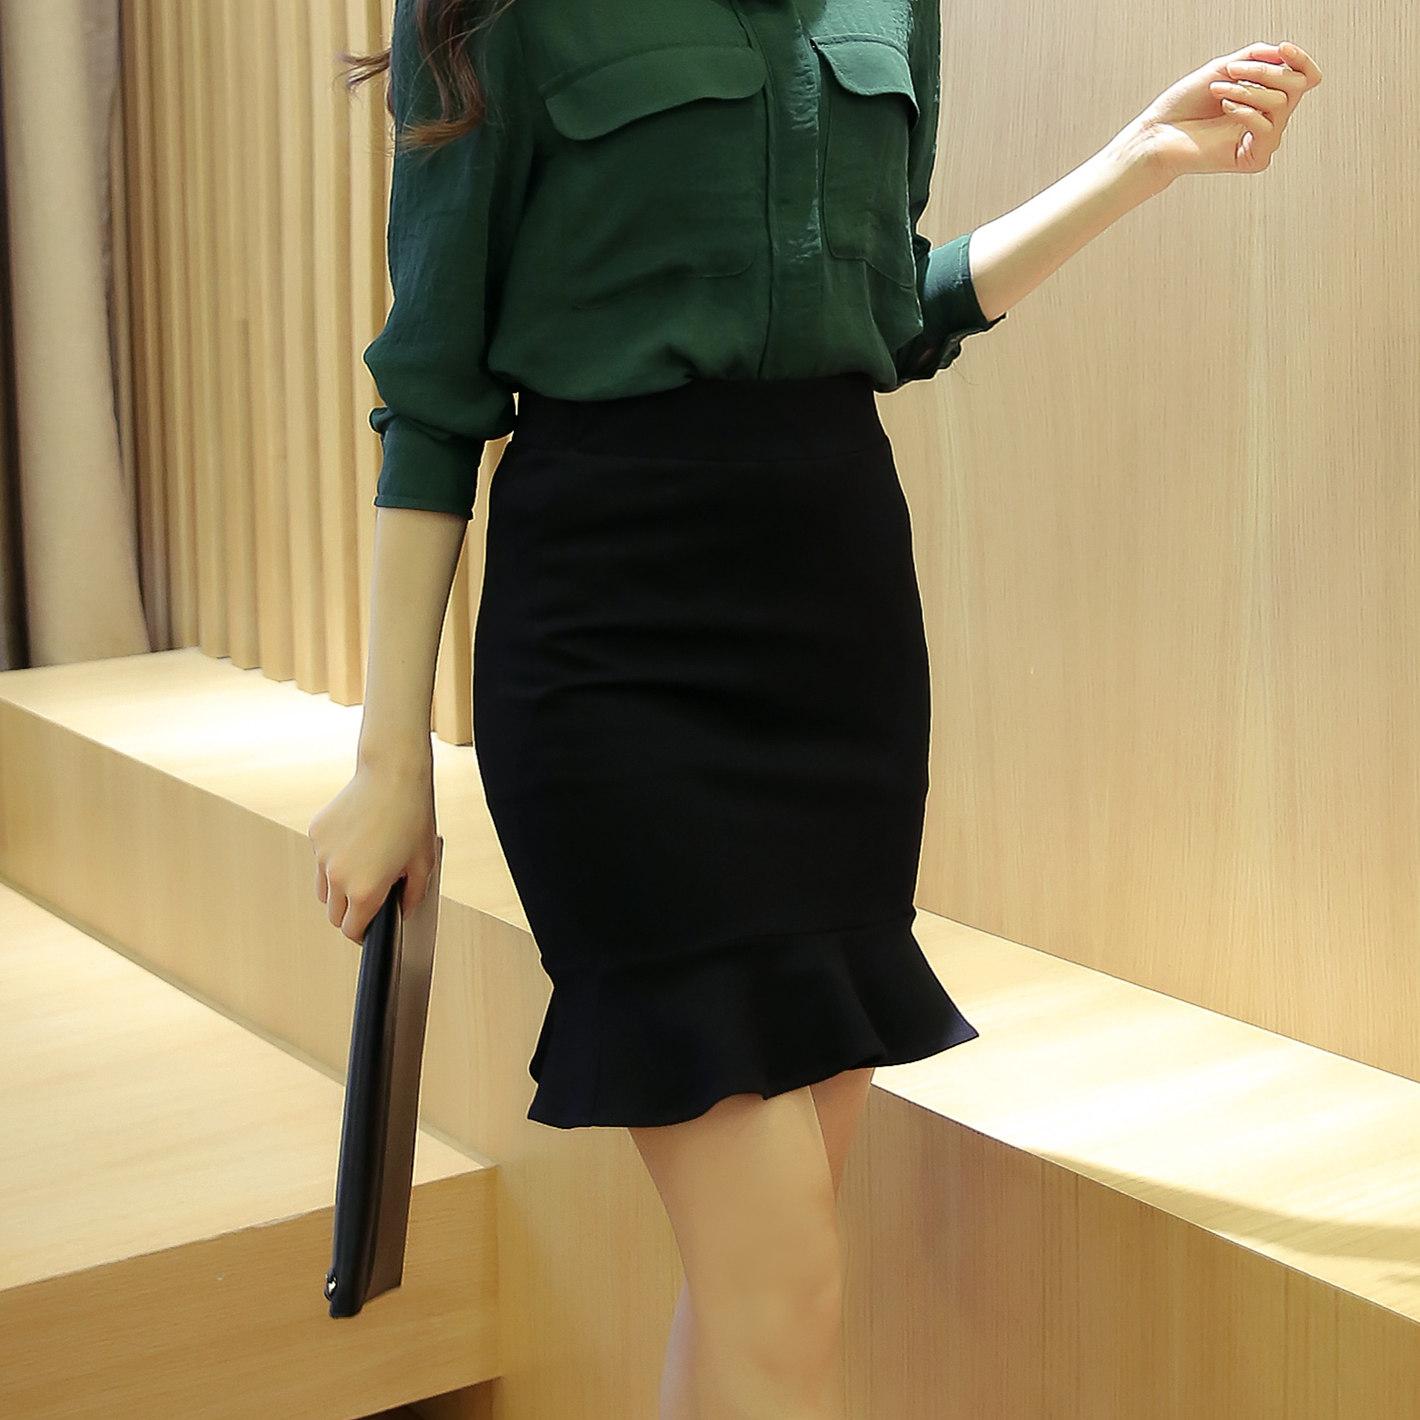 包臀裙黑色半身裙秋短裙半裙中裙女一步裙裙子包裙 魚尾裙